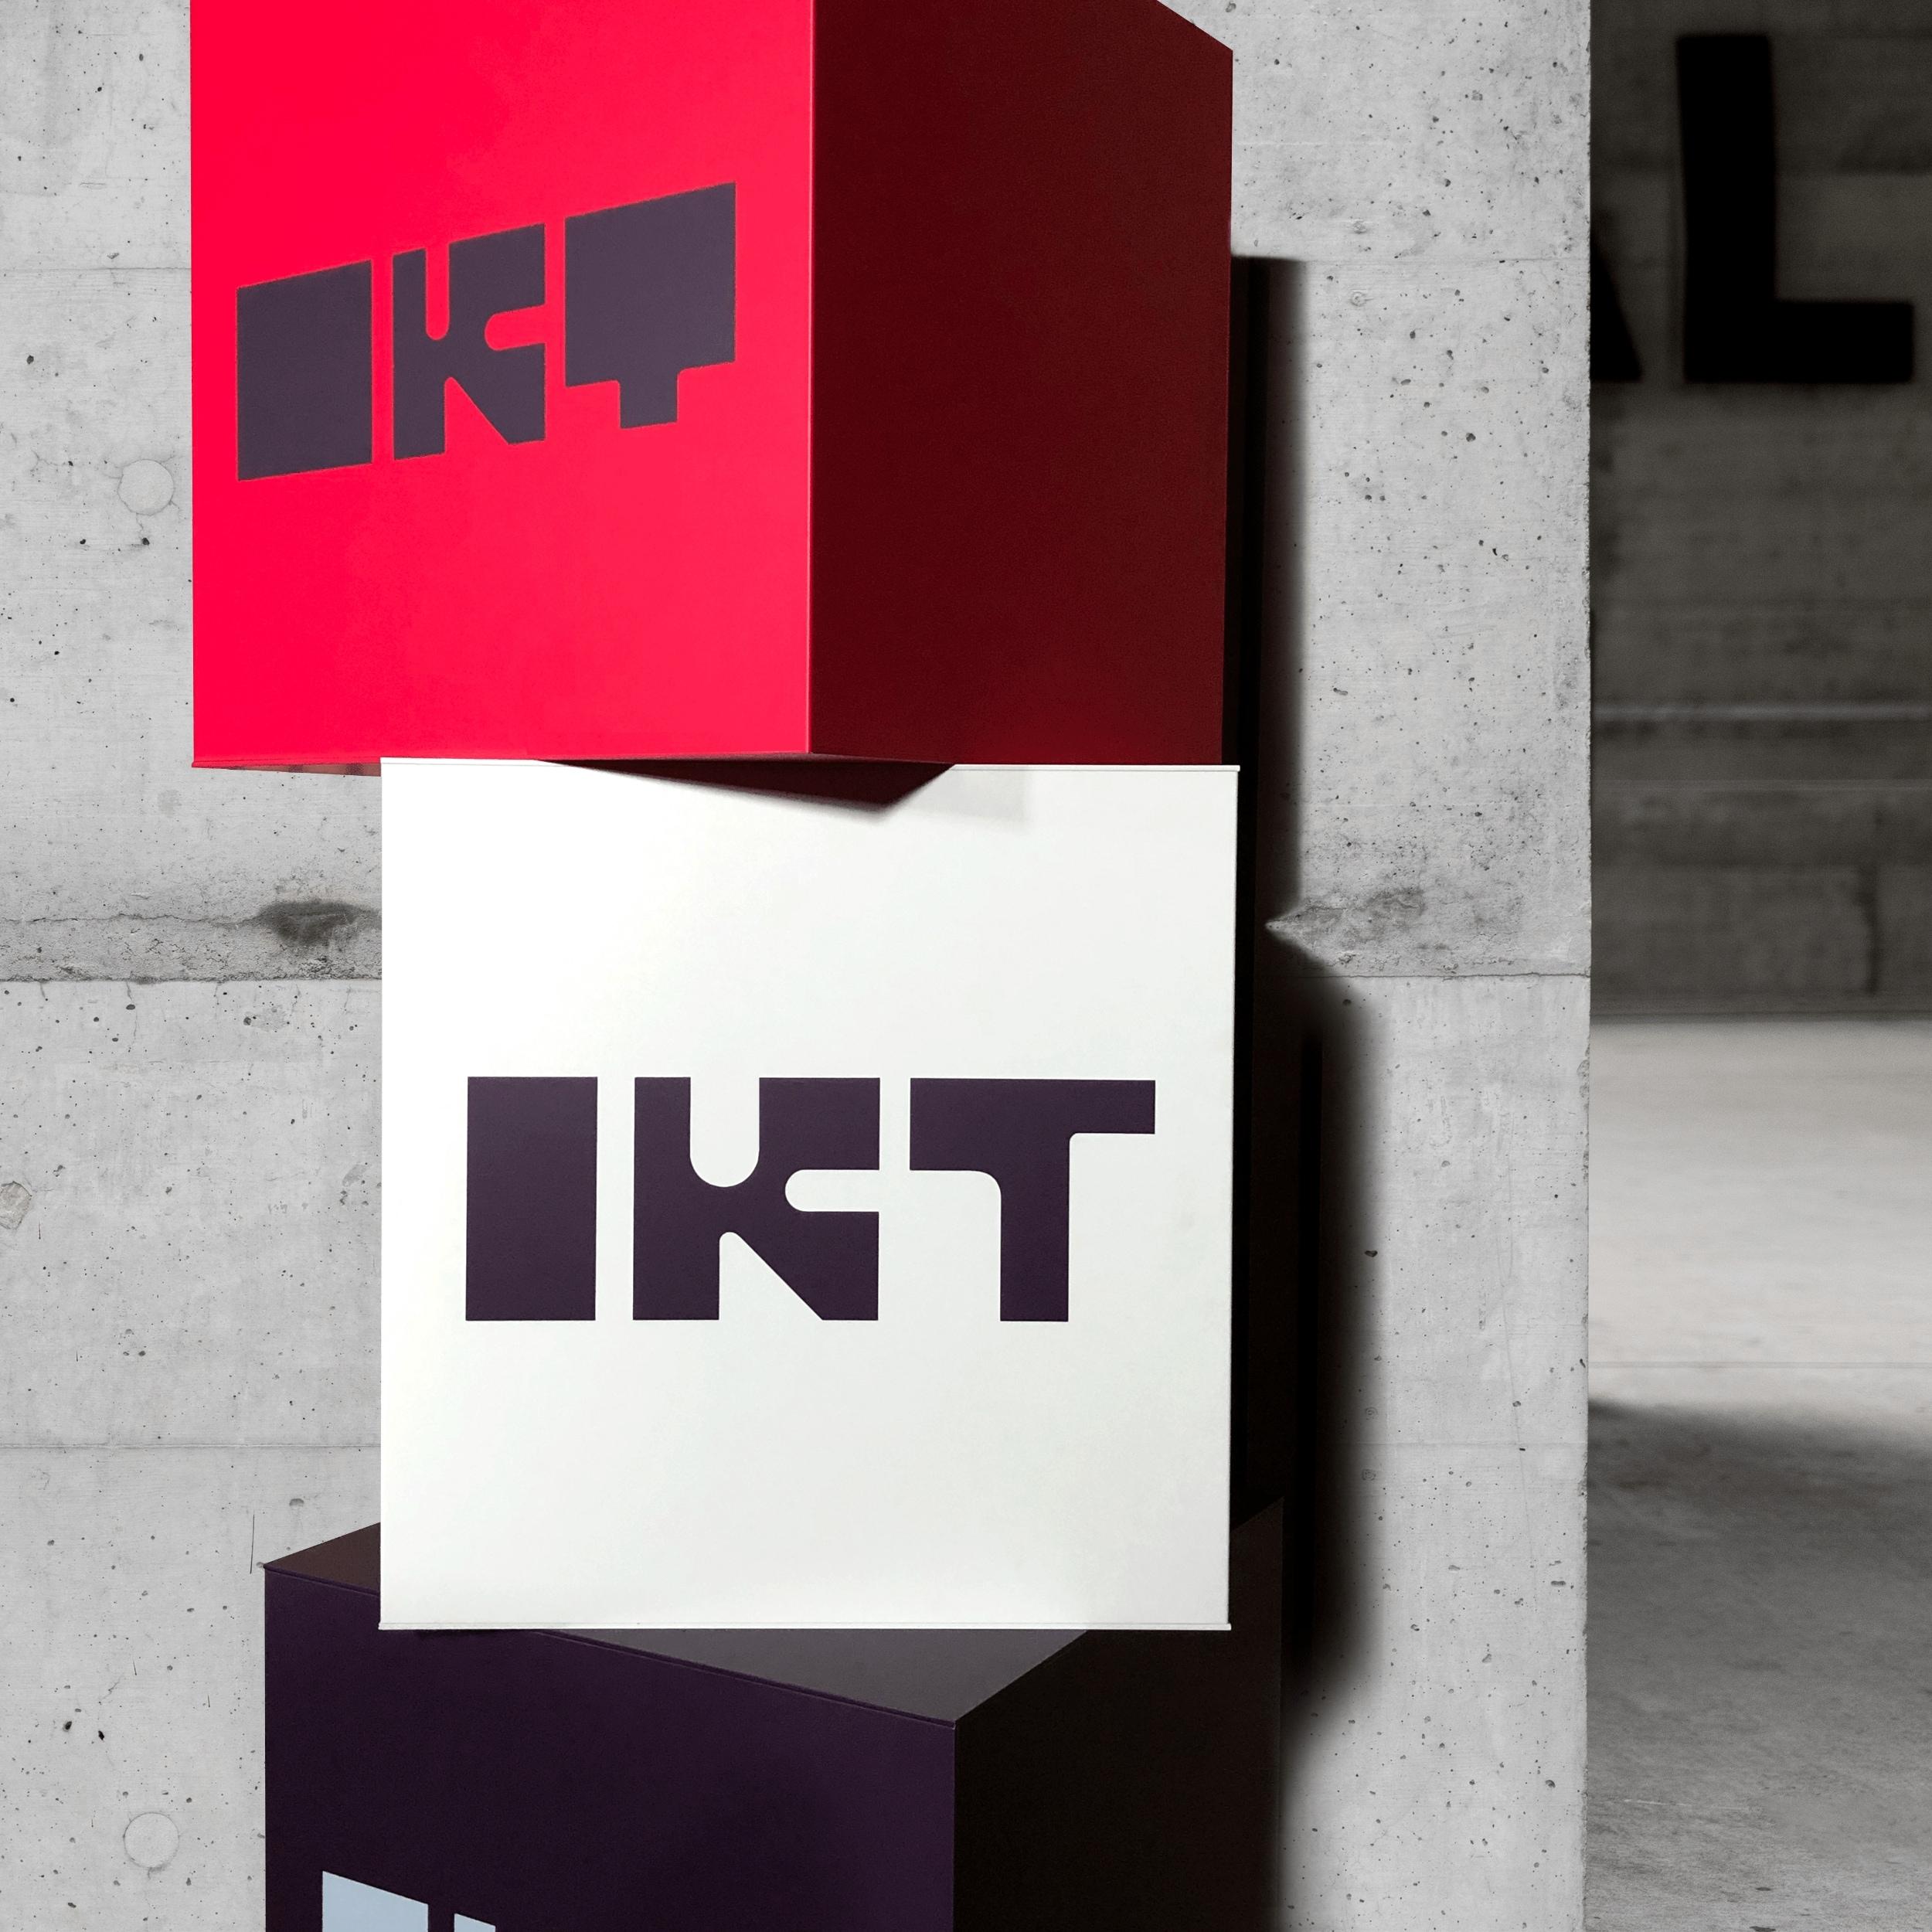 IKT_9